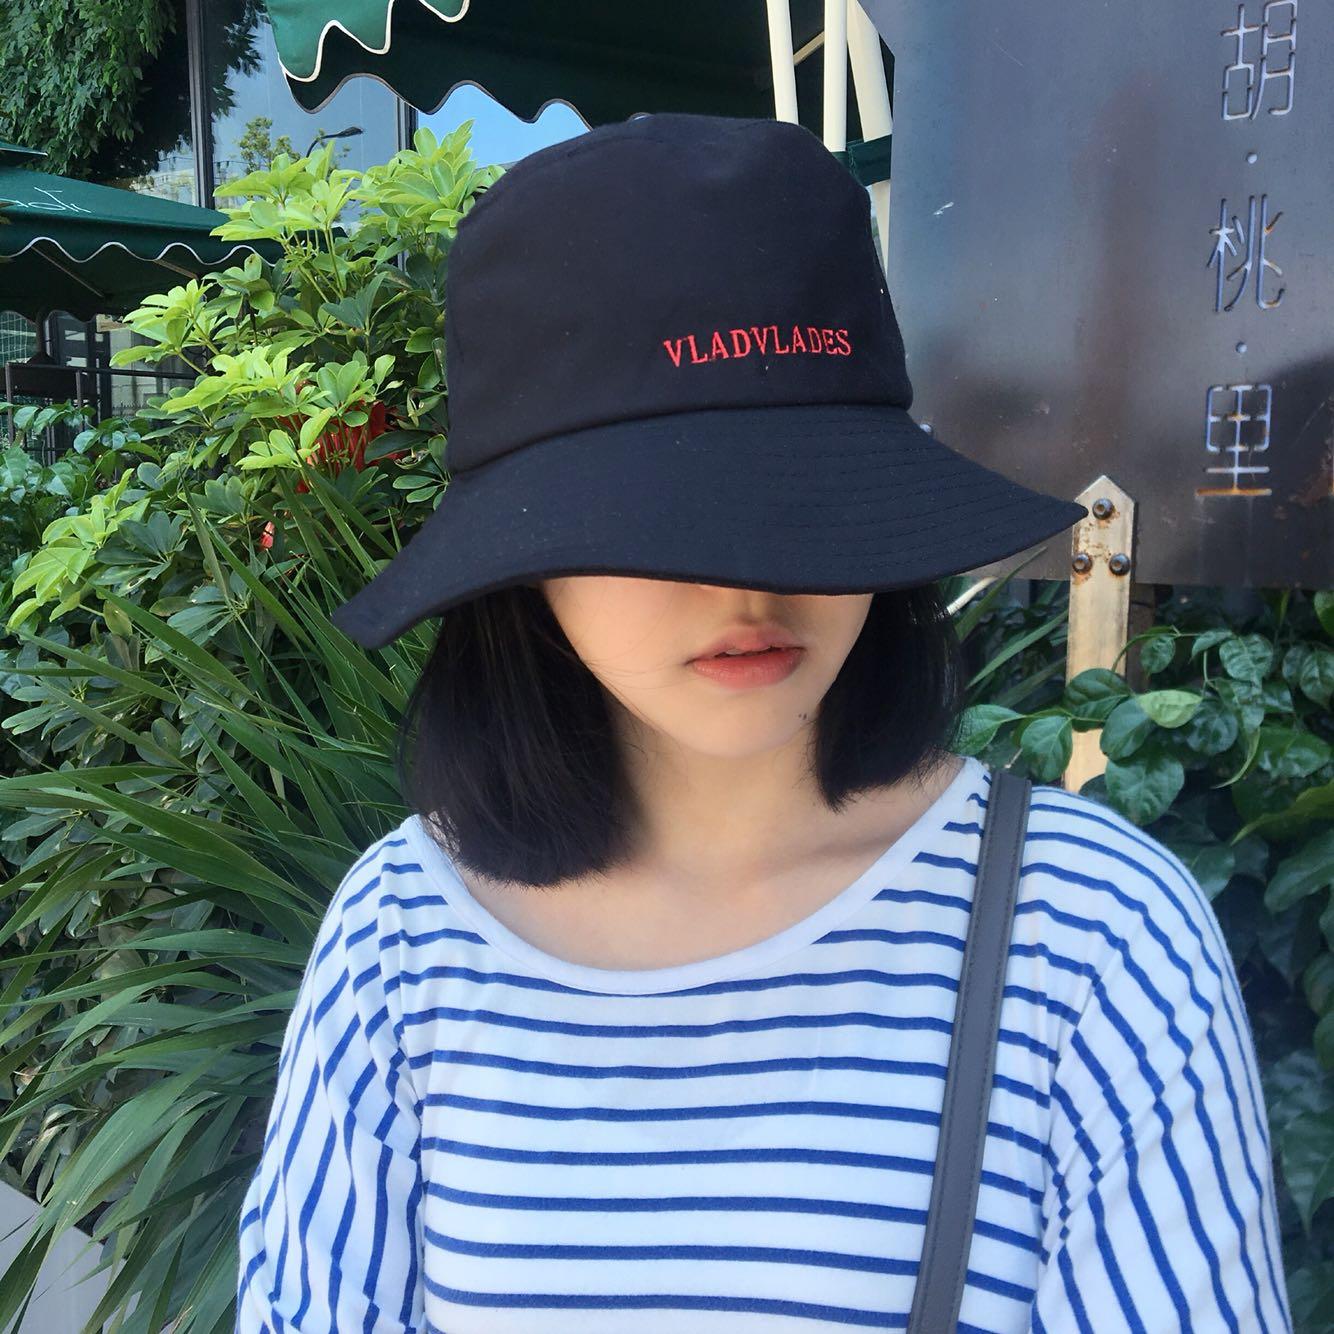 夏日遮脸大檐渔夫帽这样大盆帽高冷禁欲帽子 英文刺绣男女情侣帽